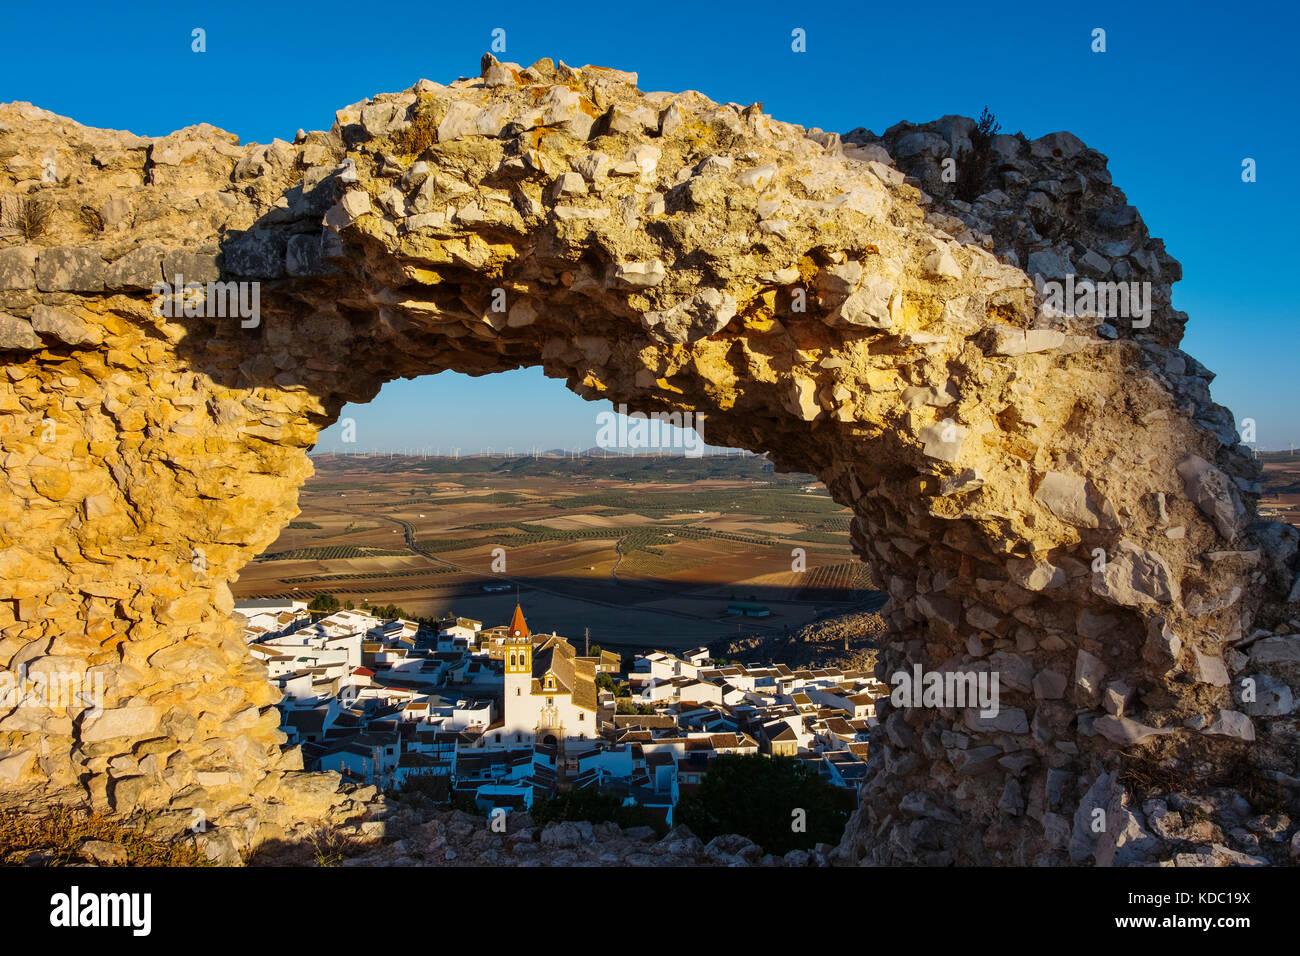 La Estrella castello, teba. provincia di Malaga, Andalusia. Spagna del sud Europa Immagini Stock